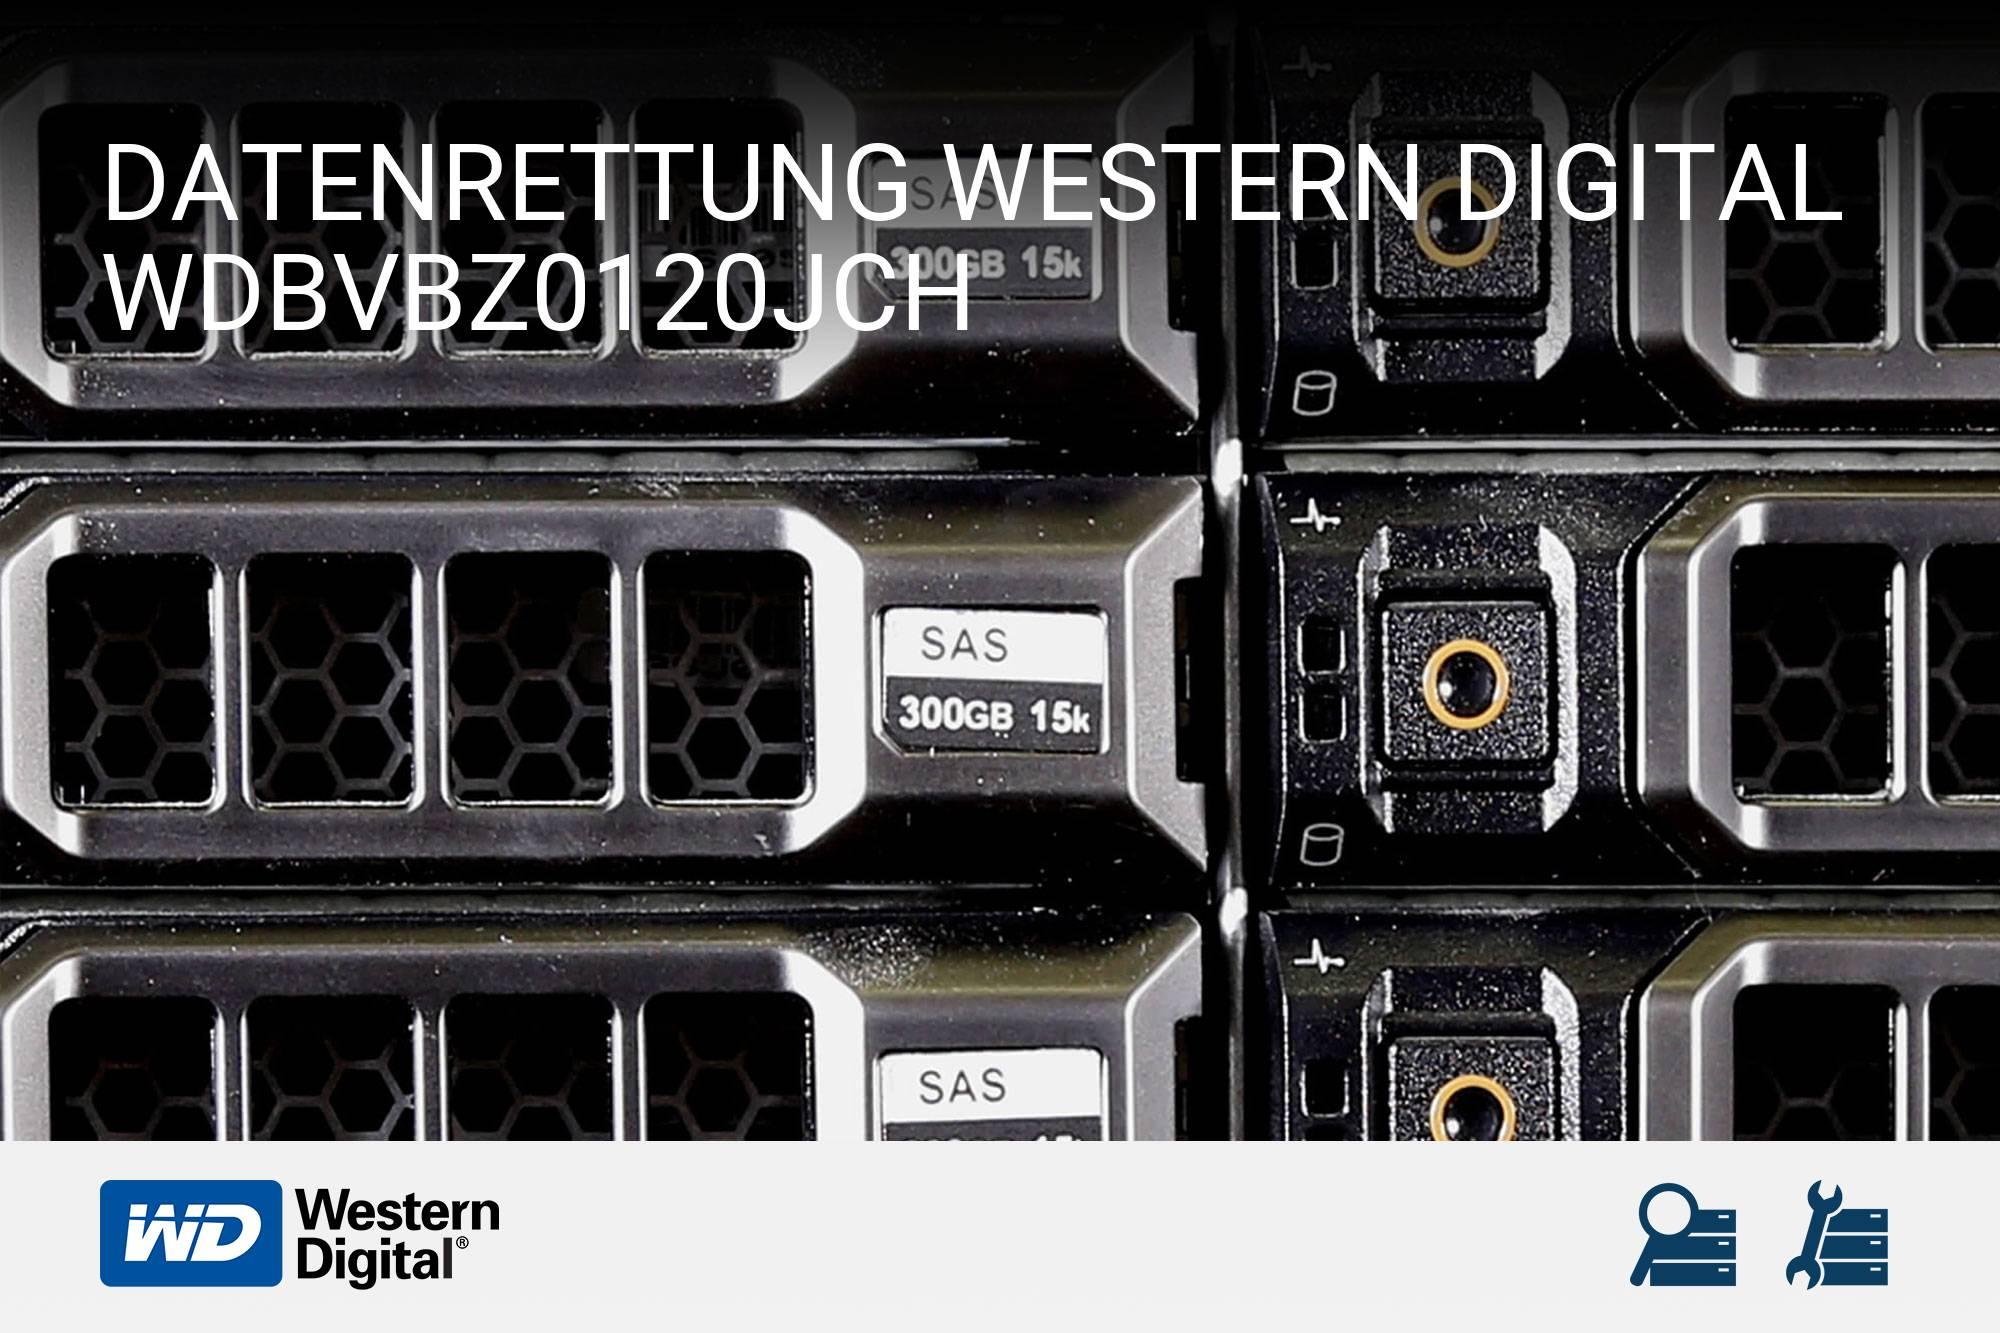 Western Digital WDBVBZ0120JCH